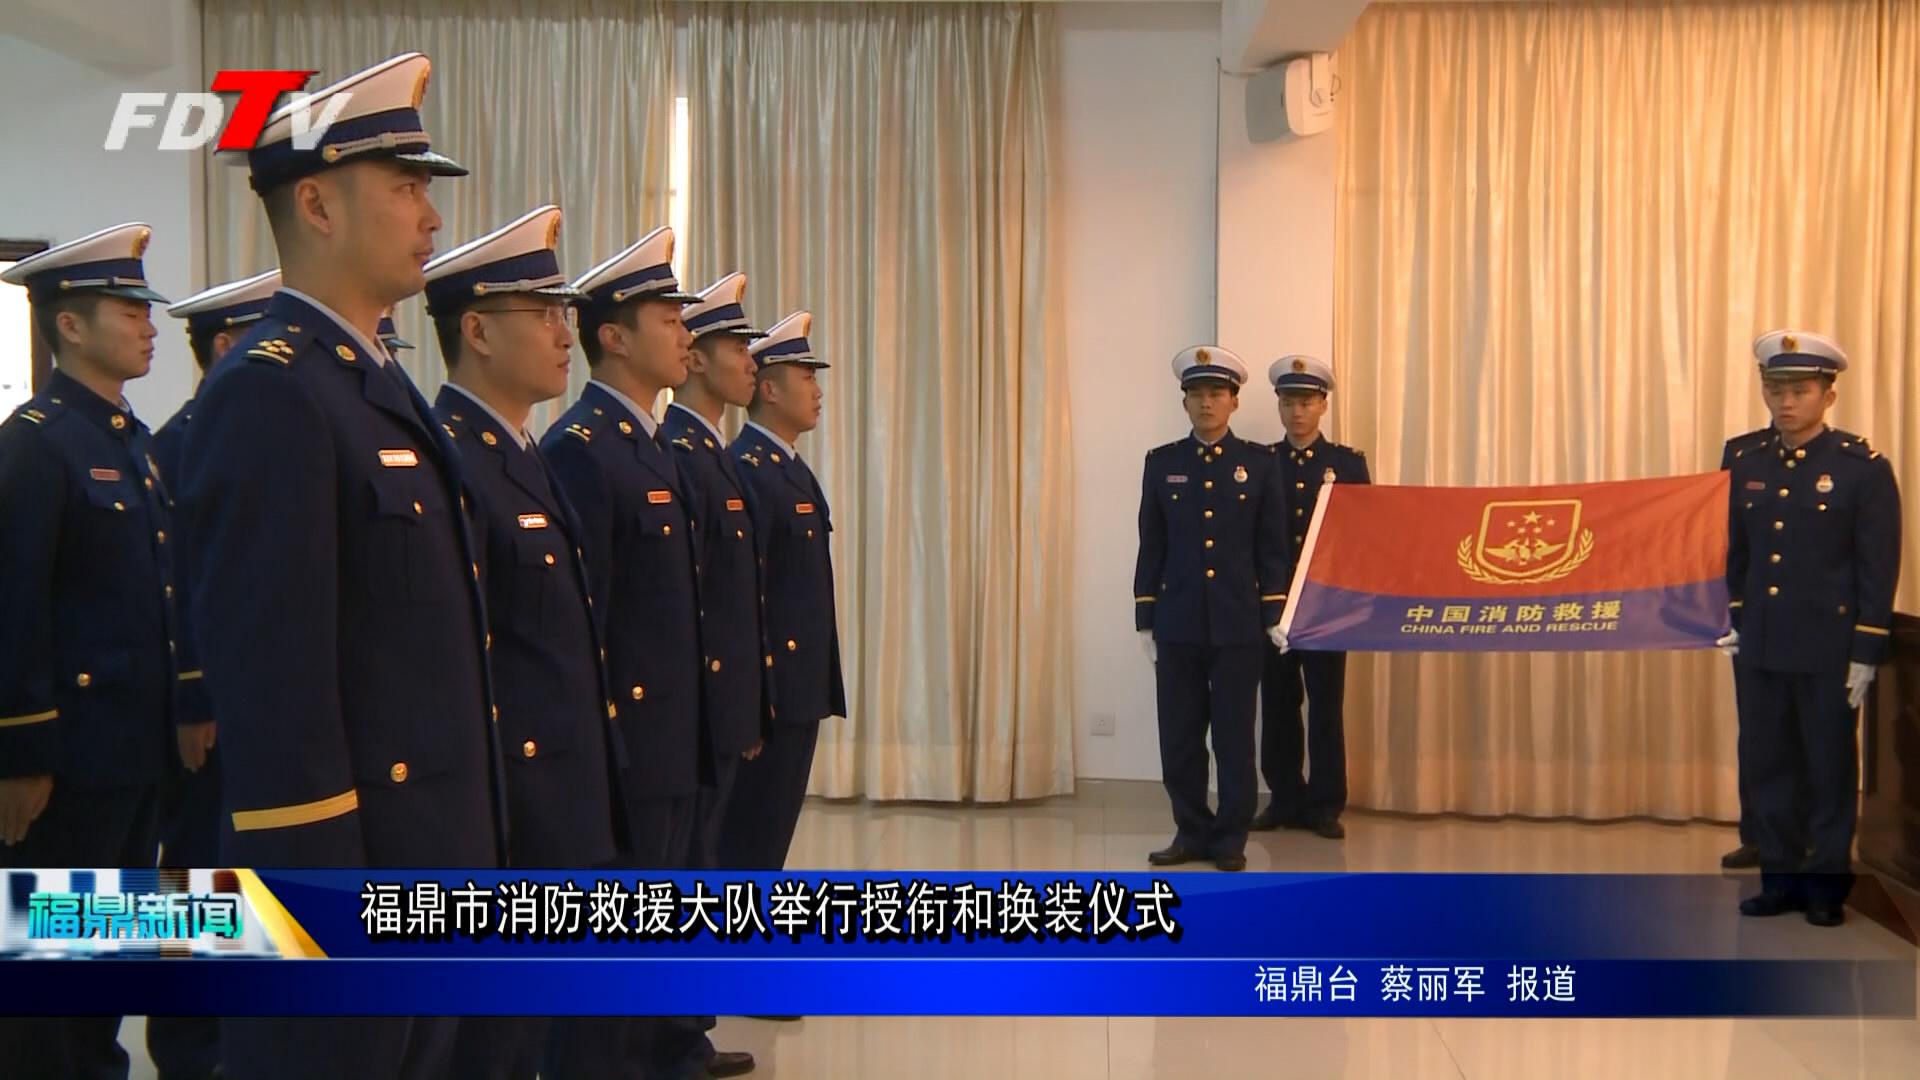 福鼎市消防救济大队举行授衔和换装典礼